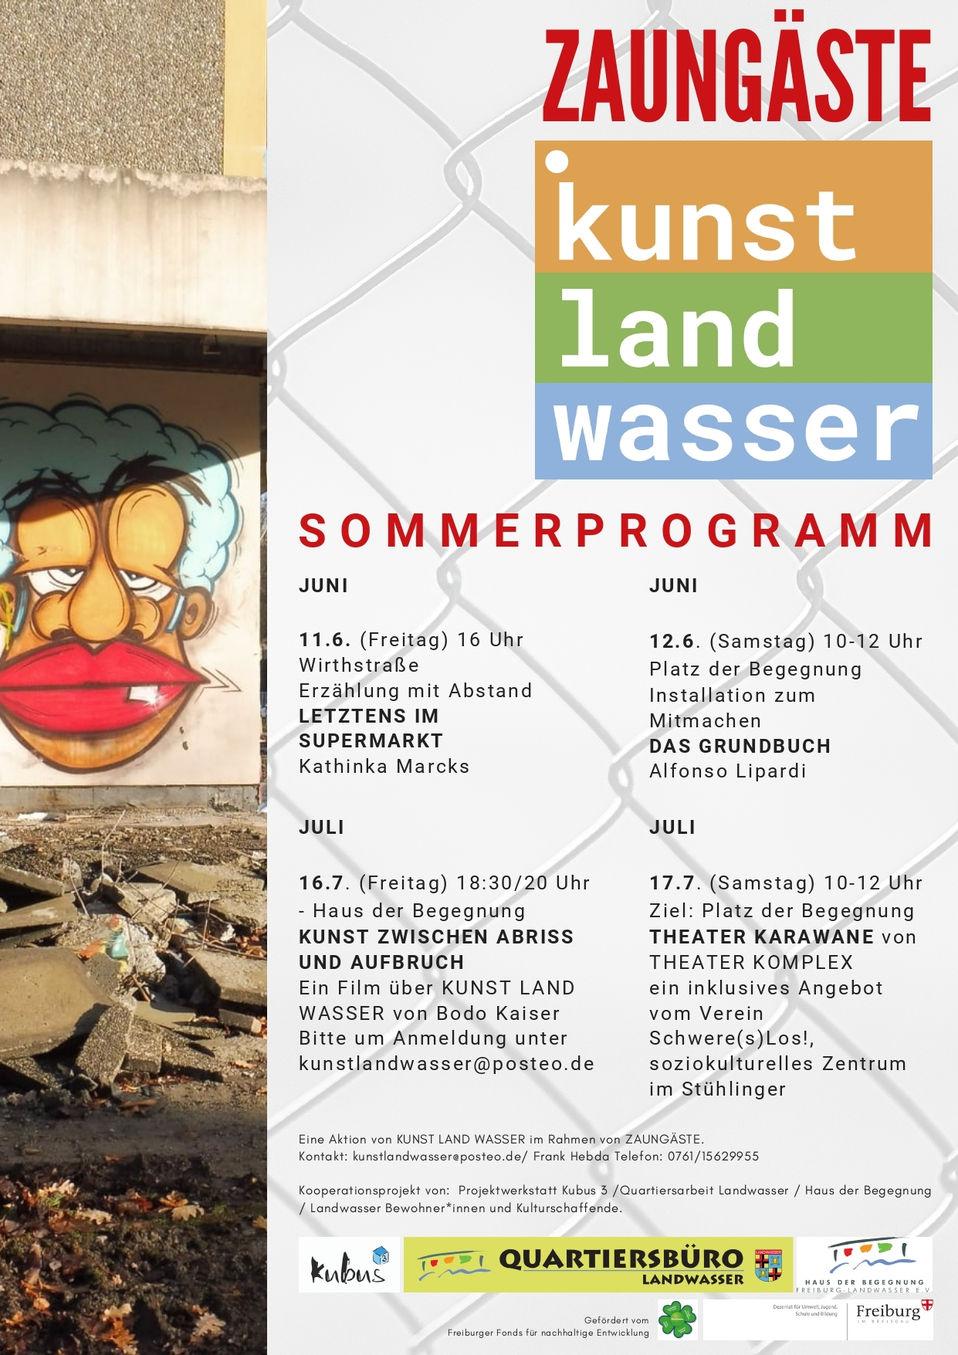 https://hdb-freiburg.de/wp-content/uploads/2021/06/Sommeraktionen-KLW.jpg